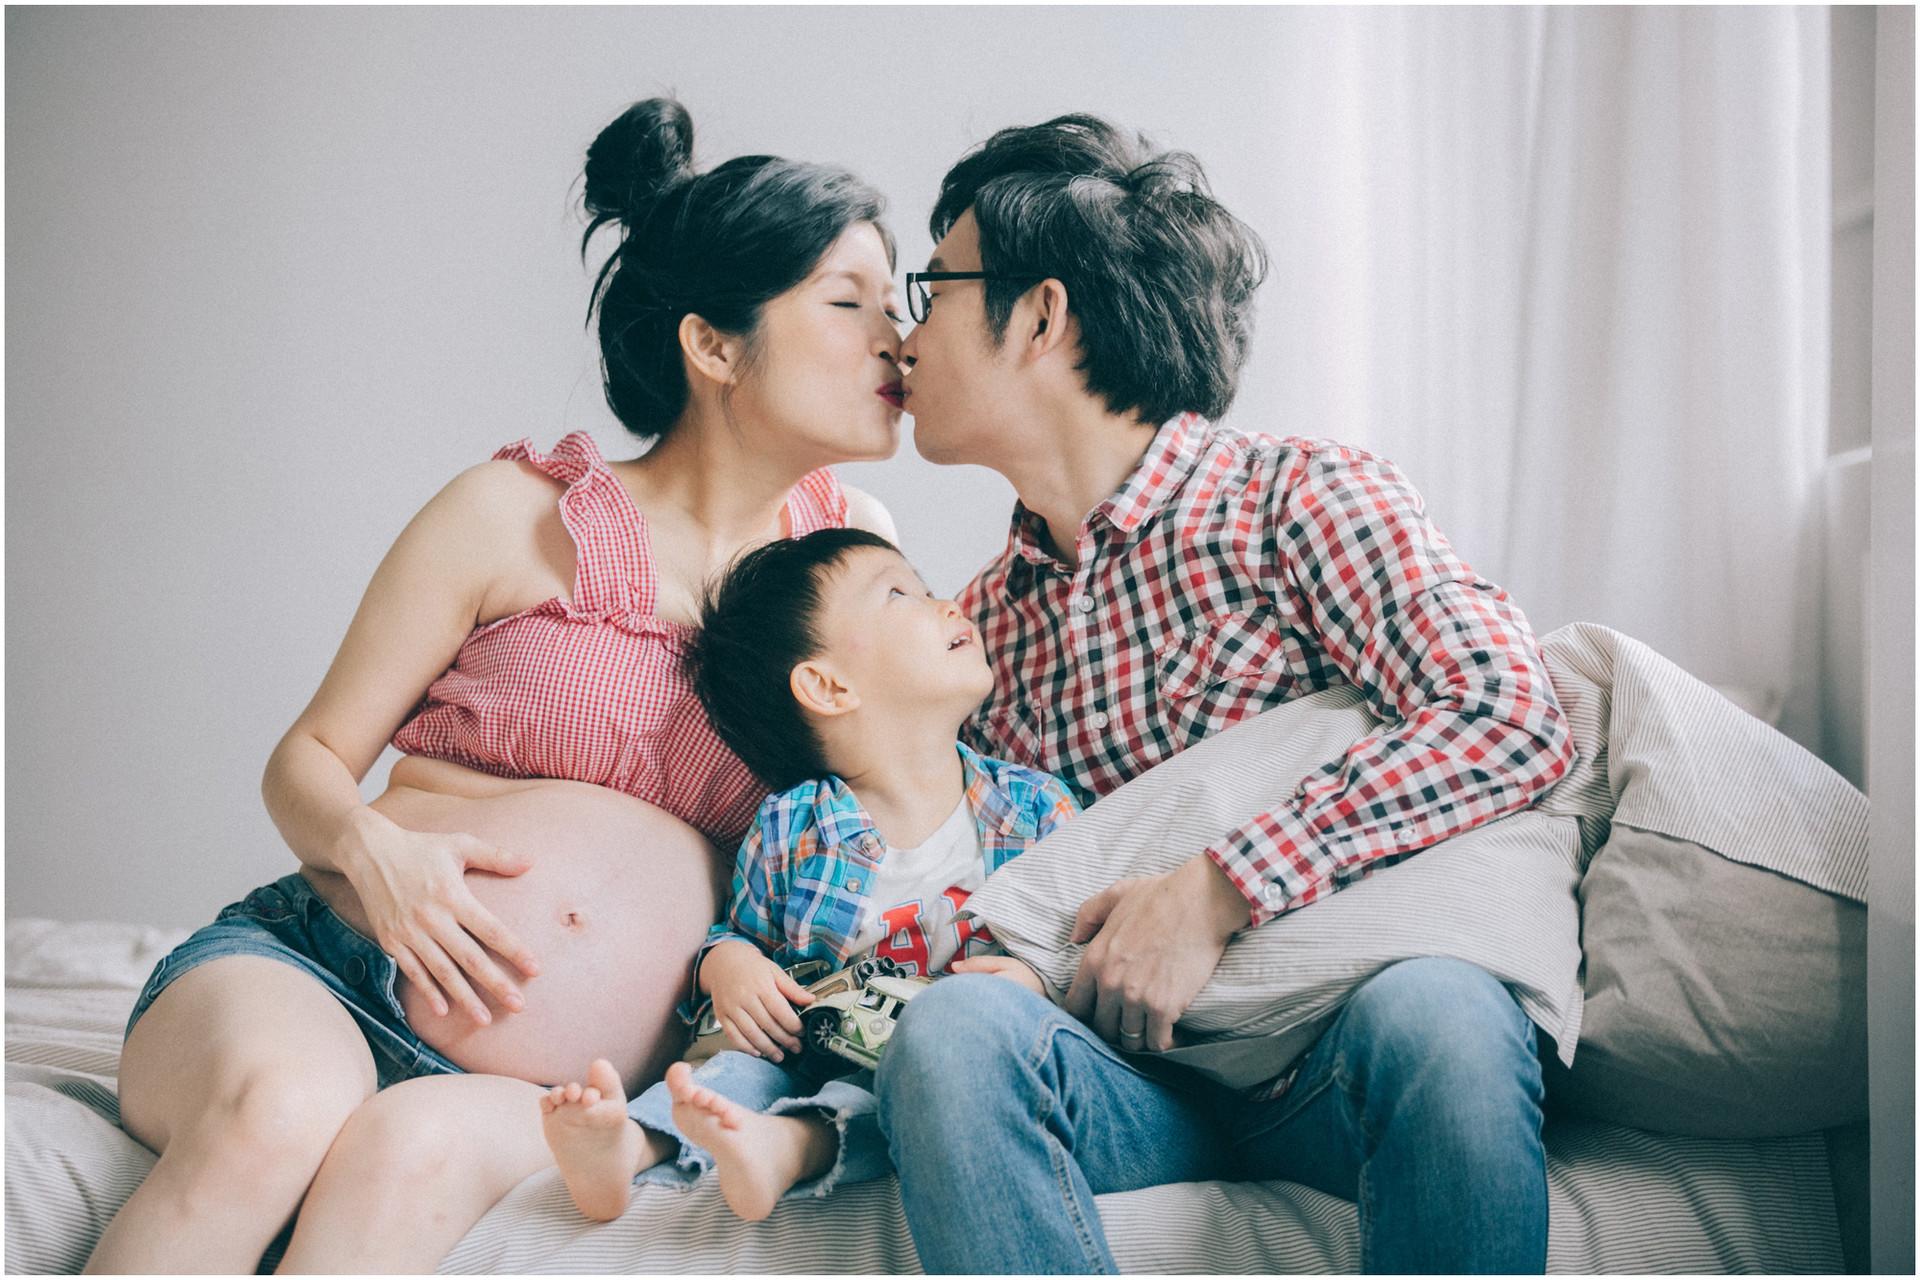 孕期寫真 / 妊娠寫真 / 親子寫真 / 全家福